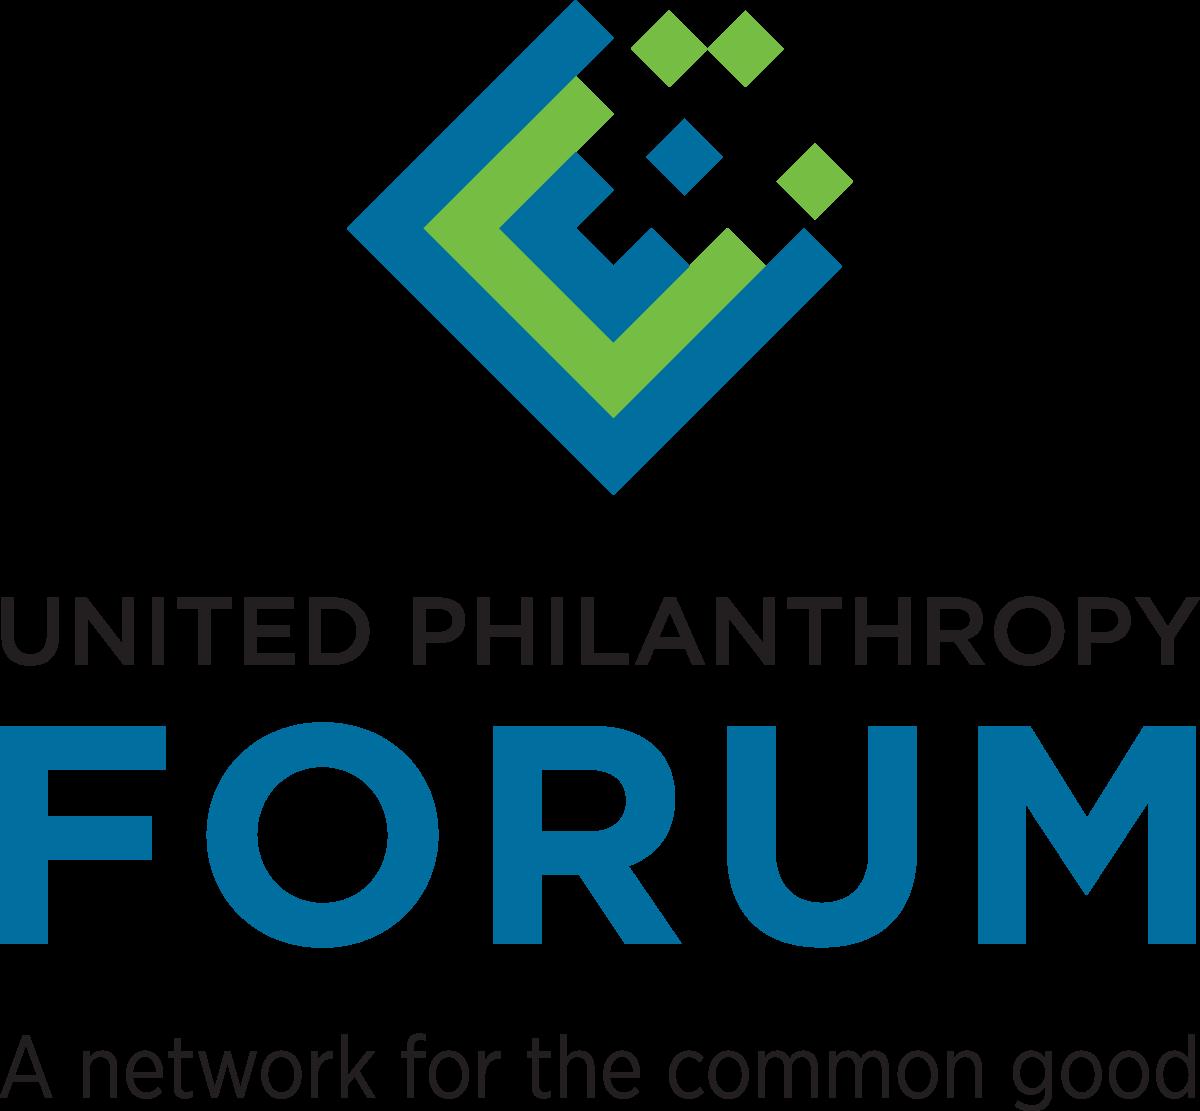 United Philanthropy Forum